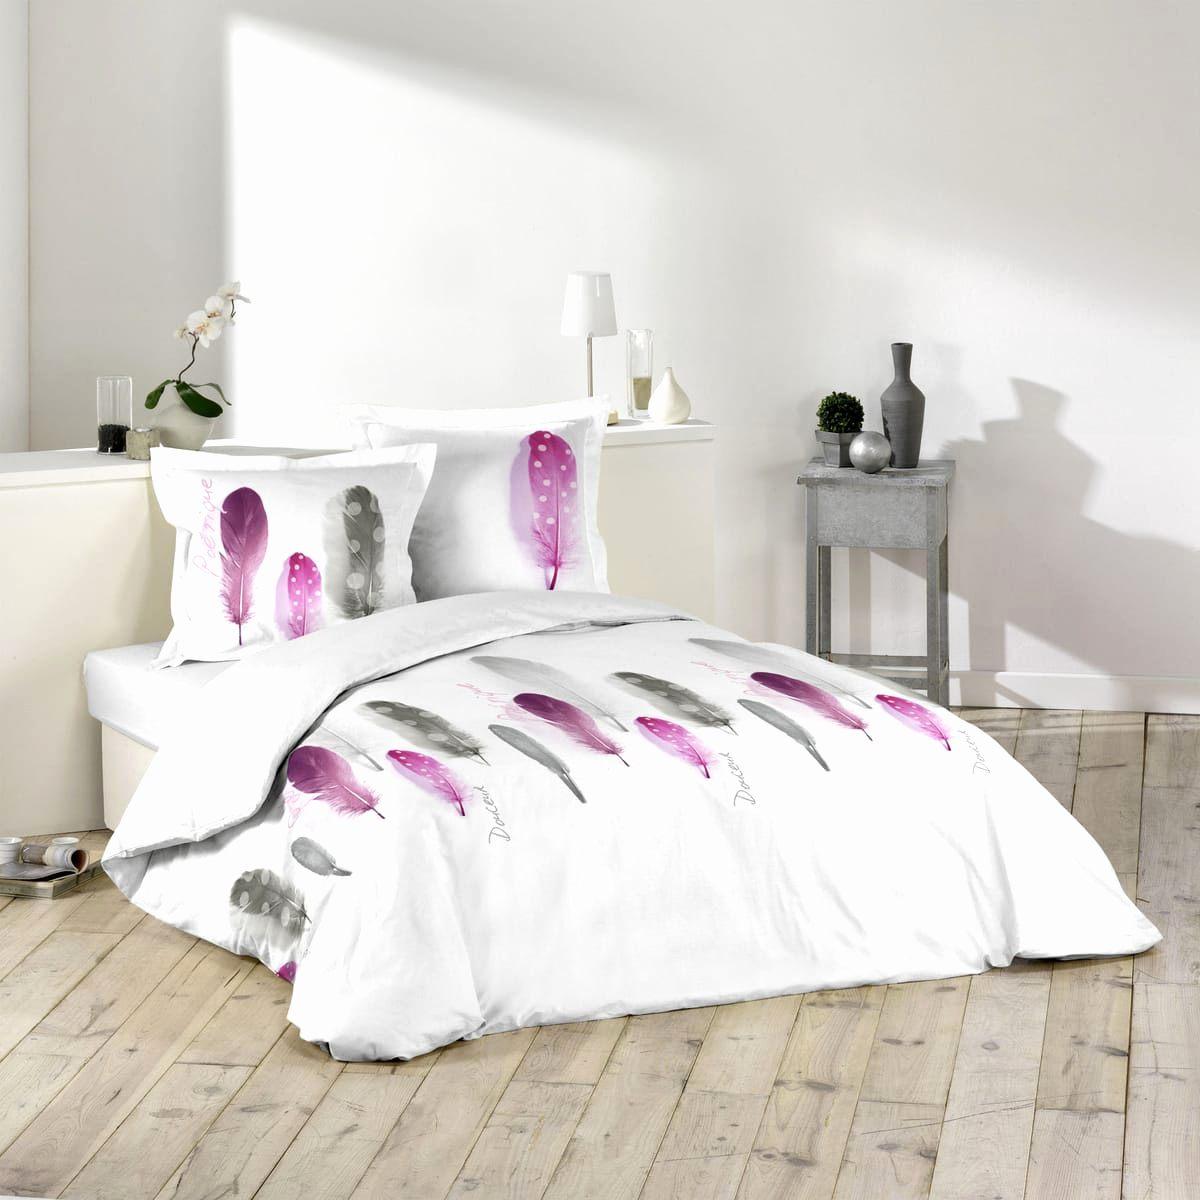 Quelle Couette Pour Lit 160×200 Le Luxe Couette Pour Lit 160—200 Ikea Luxe Couette Pour Lit 160—200 Ikea